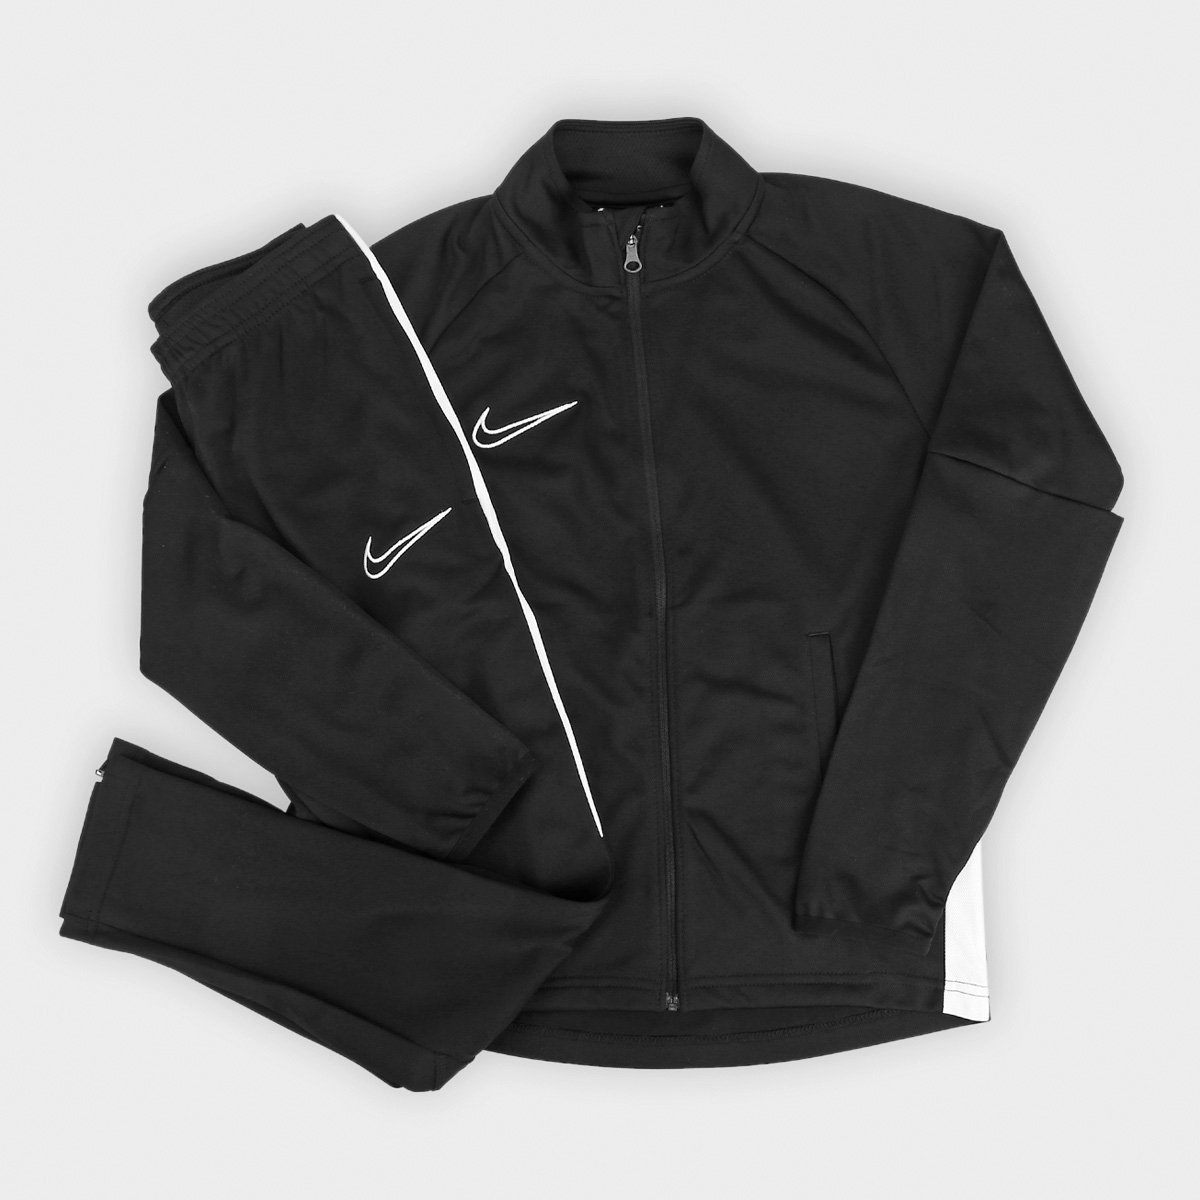 Agasalho Infantil Nike Academy Dry Fit TRK